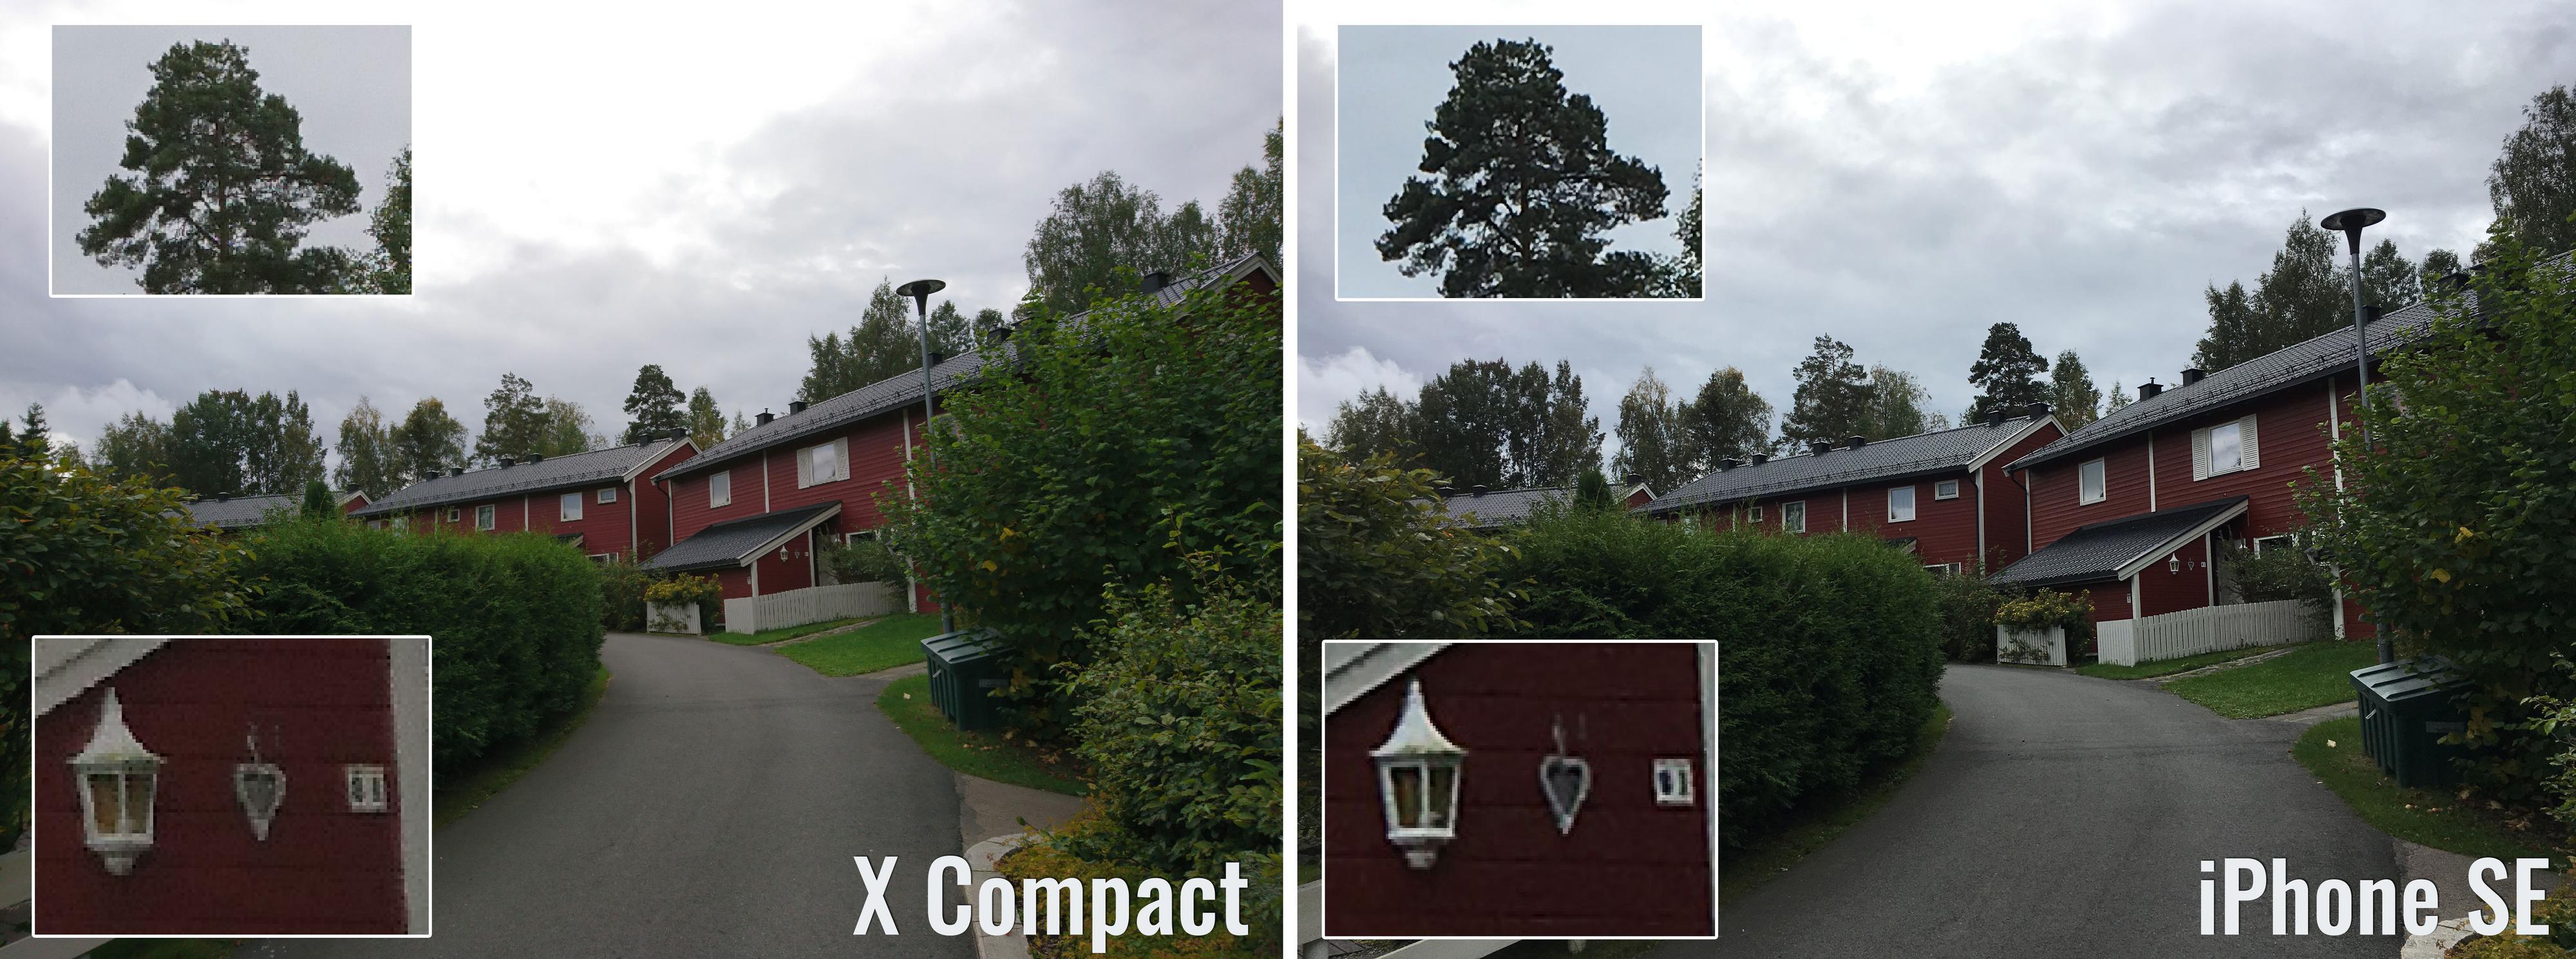 Også her er det lite som skiller de to, men ser man på trærne er det litt flere detaljer å hente hos Sony.